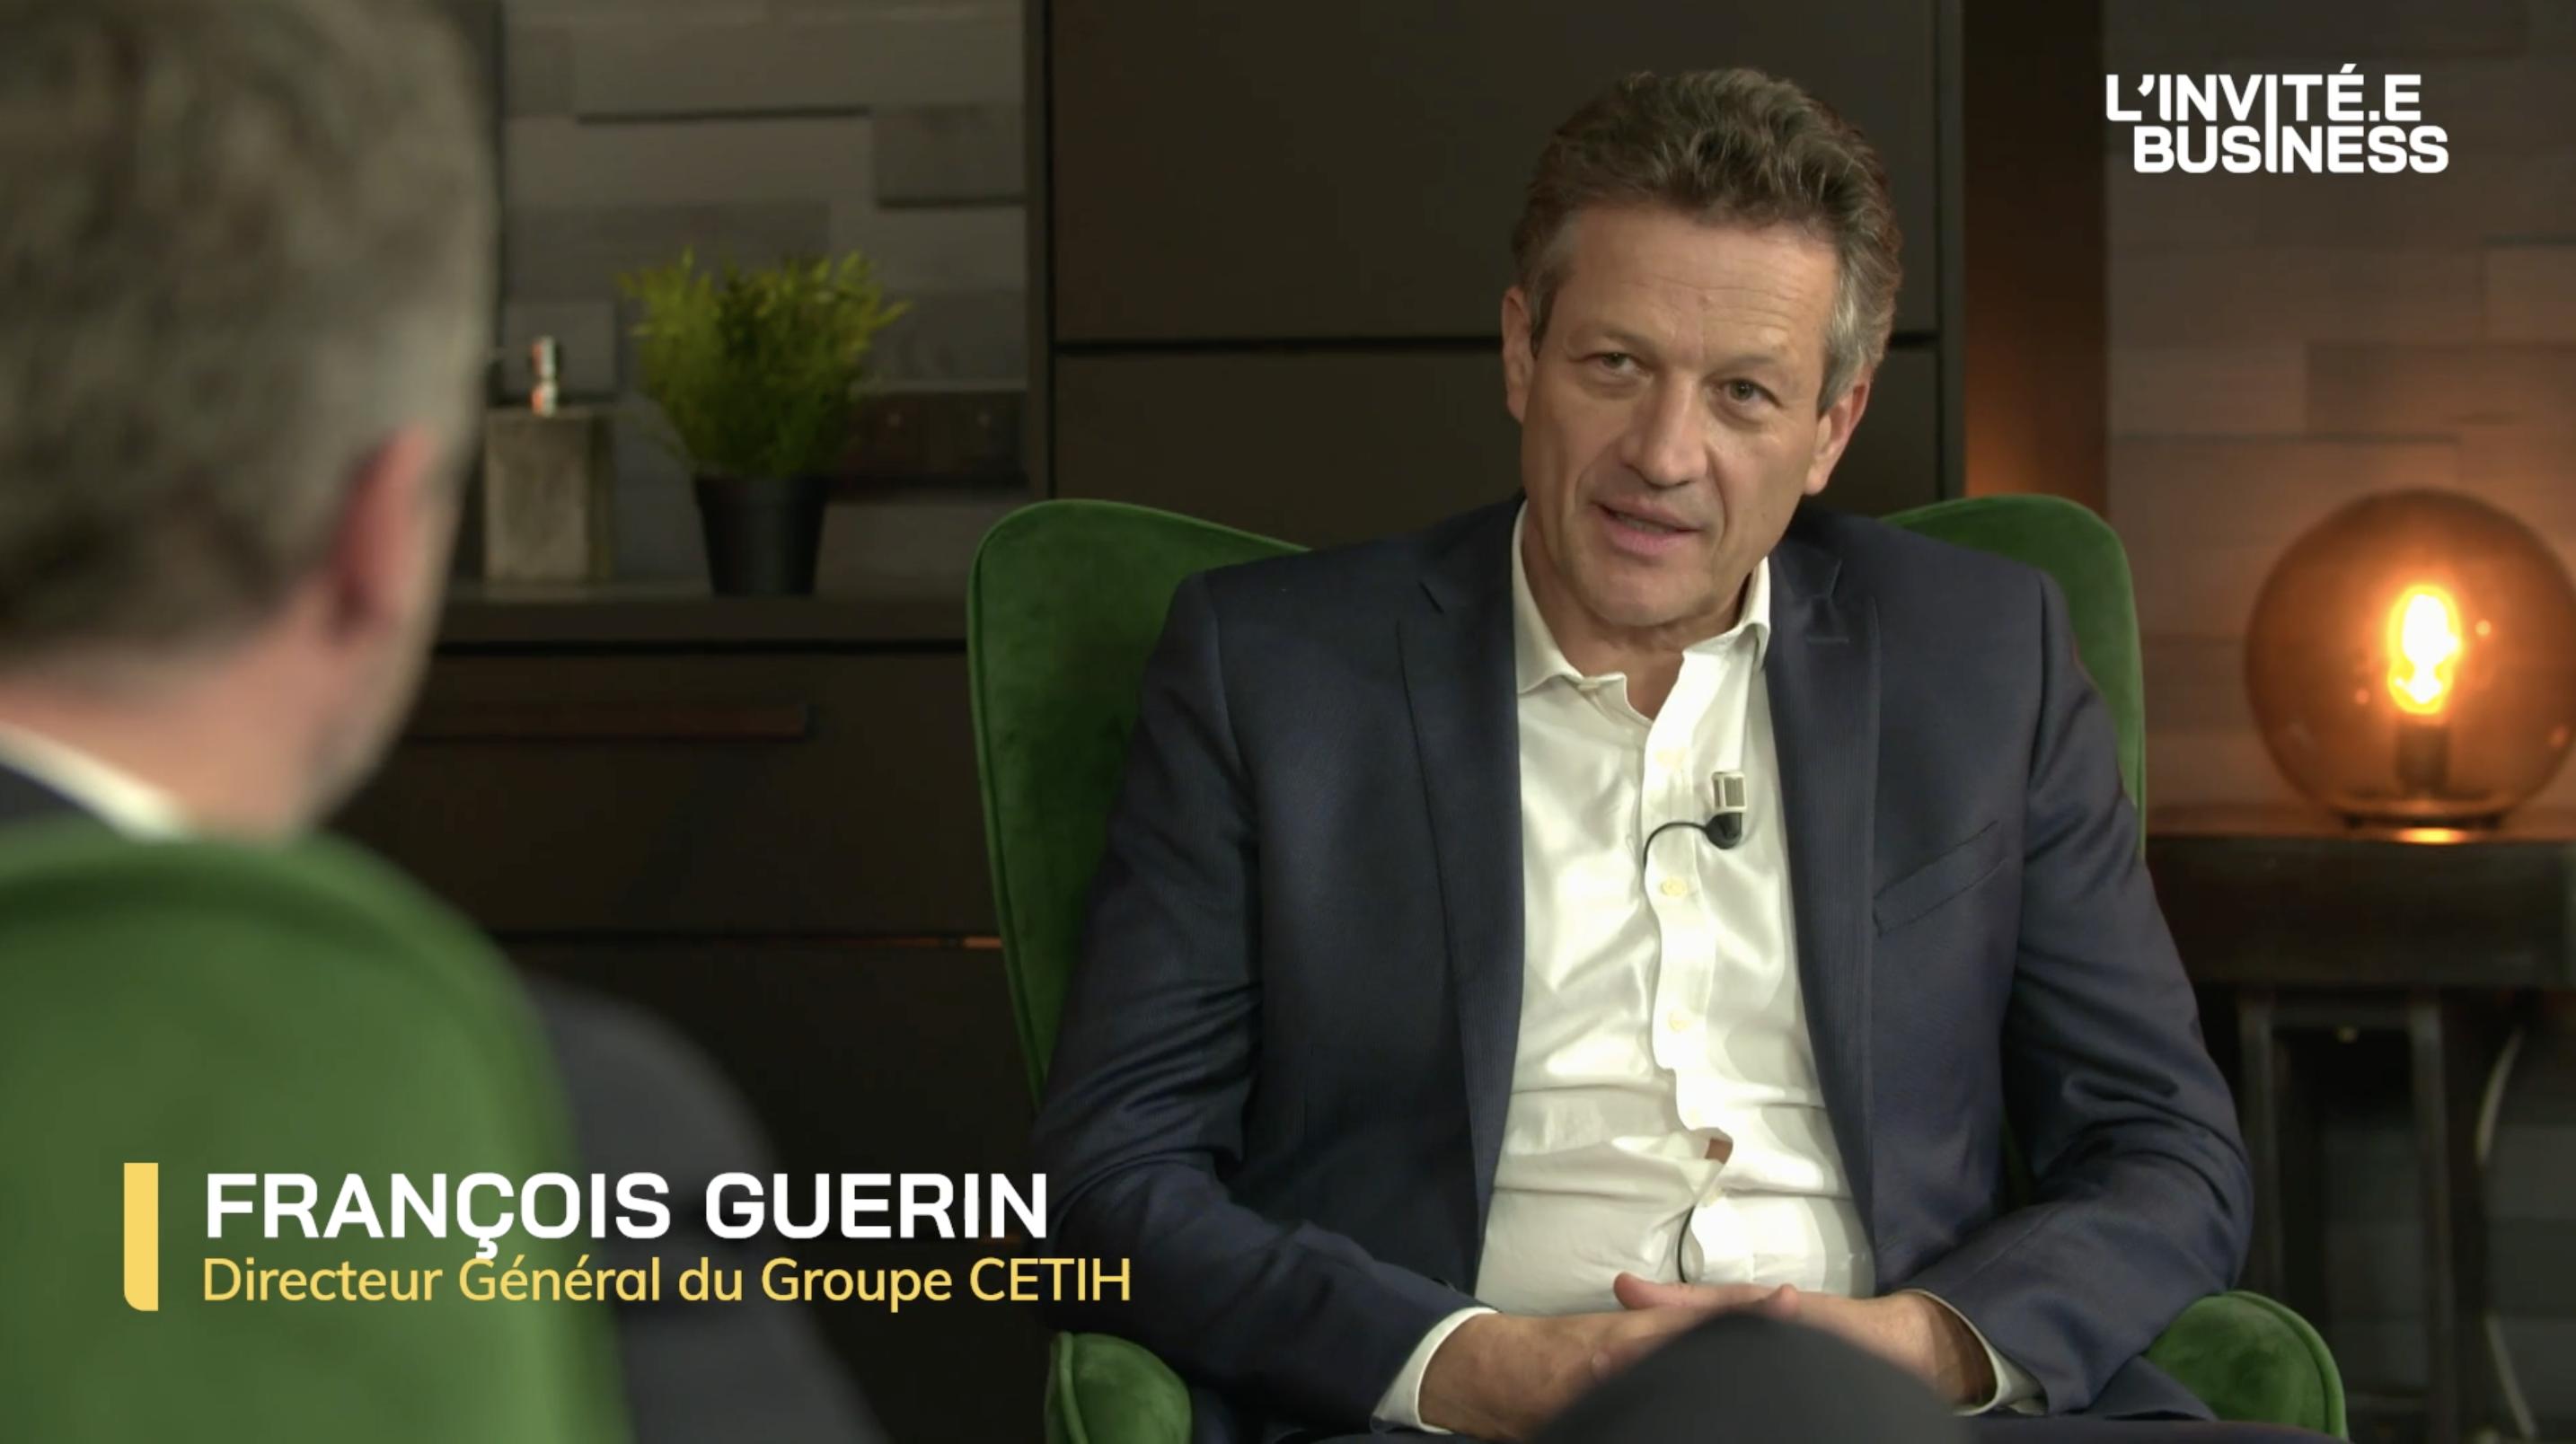 François-Guerin, Directeur Général de CETIH